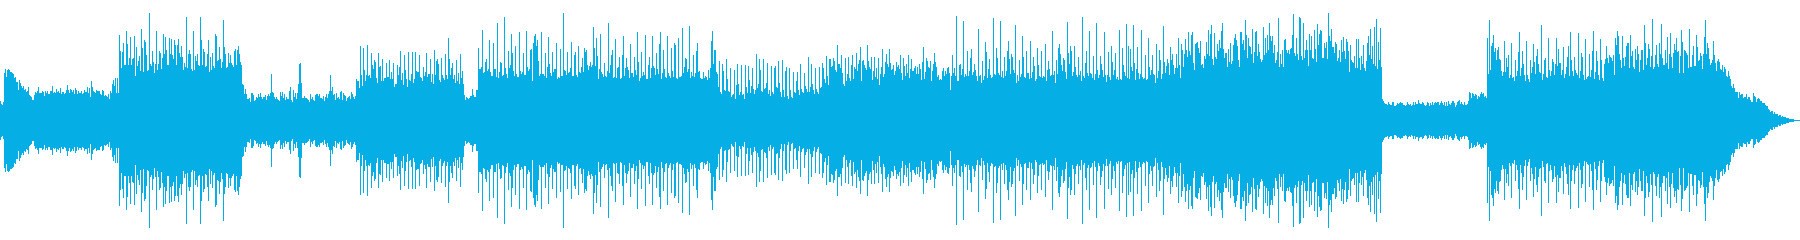 激しいギターロックサウンドの再生済みの波形